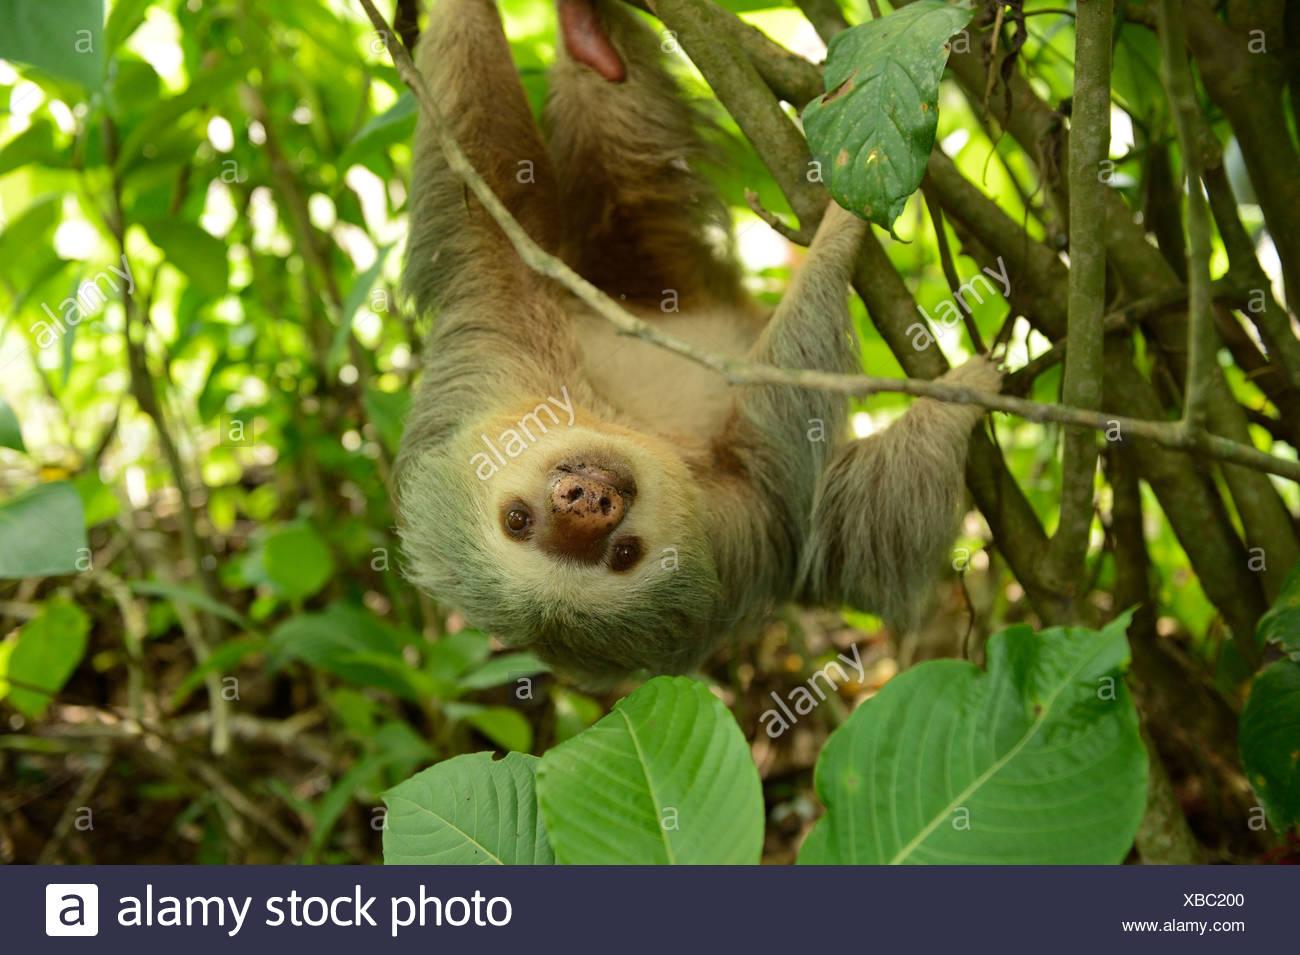 Dos de Hoffmann, pereza (Choloepus hoffmanni vetado), colgado boca abajo de un árbol, La Fortuna, Costa Rica, Centroamérica Foto de stock